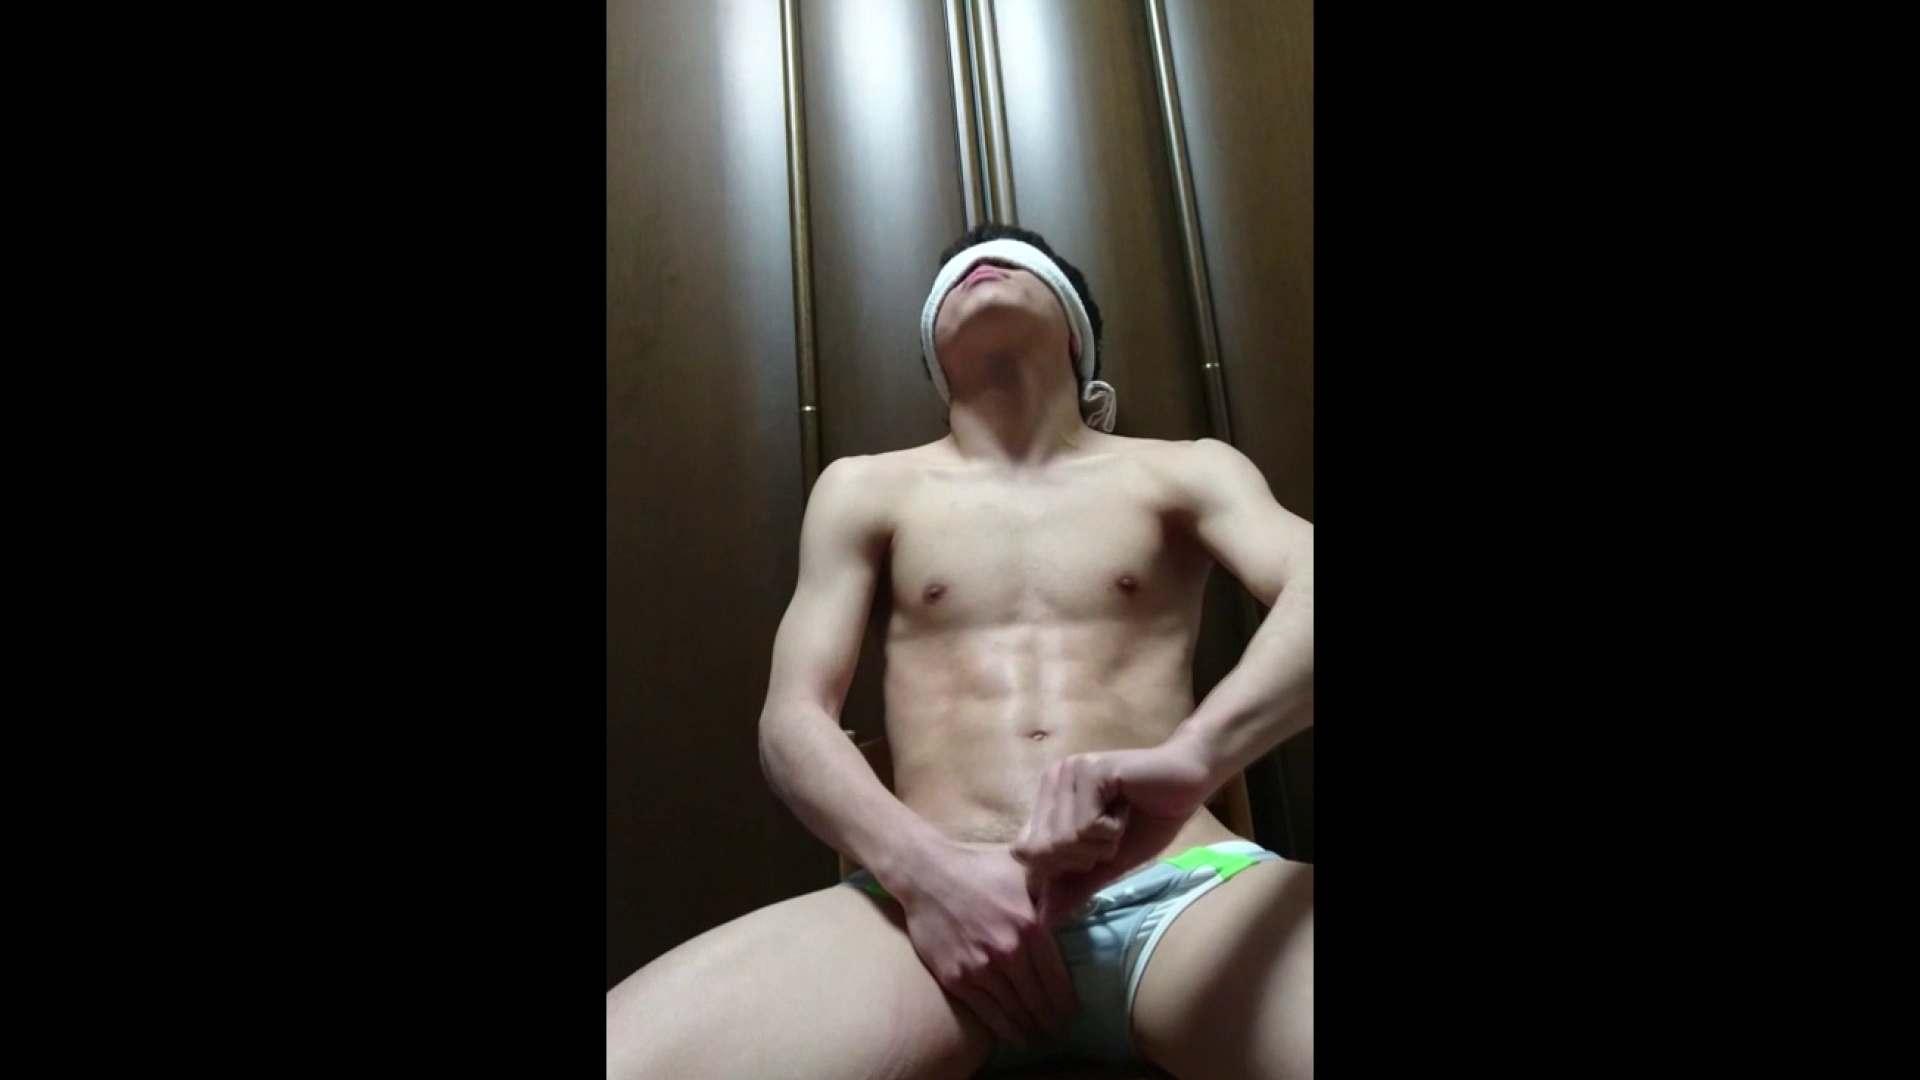 個人撮影 自慰の極意 Vol.21 オナニー  59pic 23